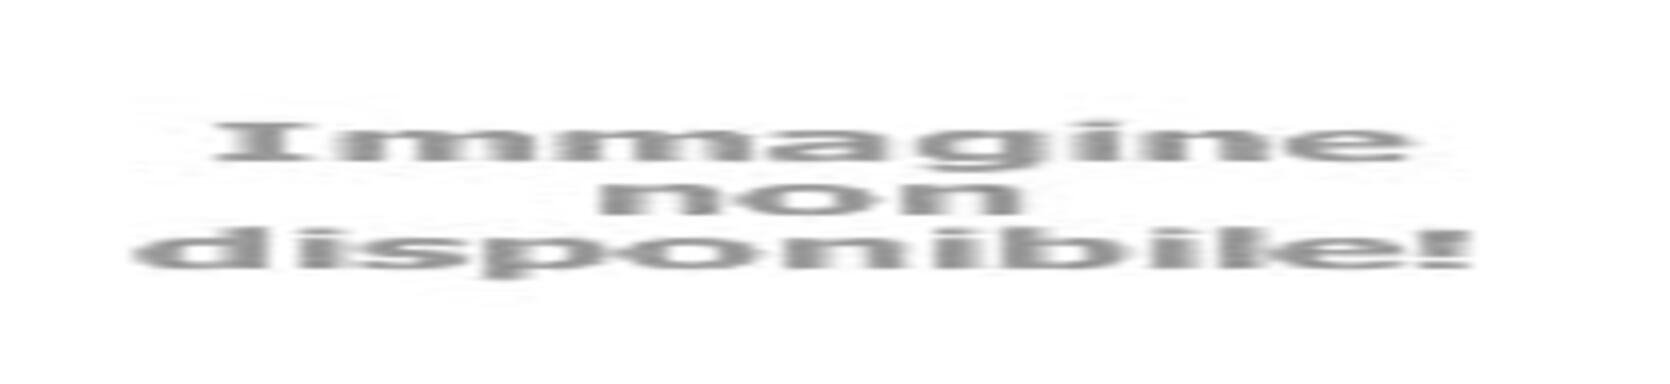 basketriminicrabs it 2-2598-settore-giovanile-u15-eccellenza-a-crabs-vittoriosi-contro-ravenna 003